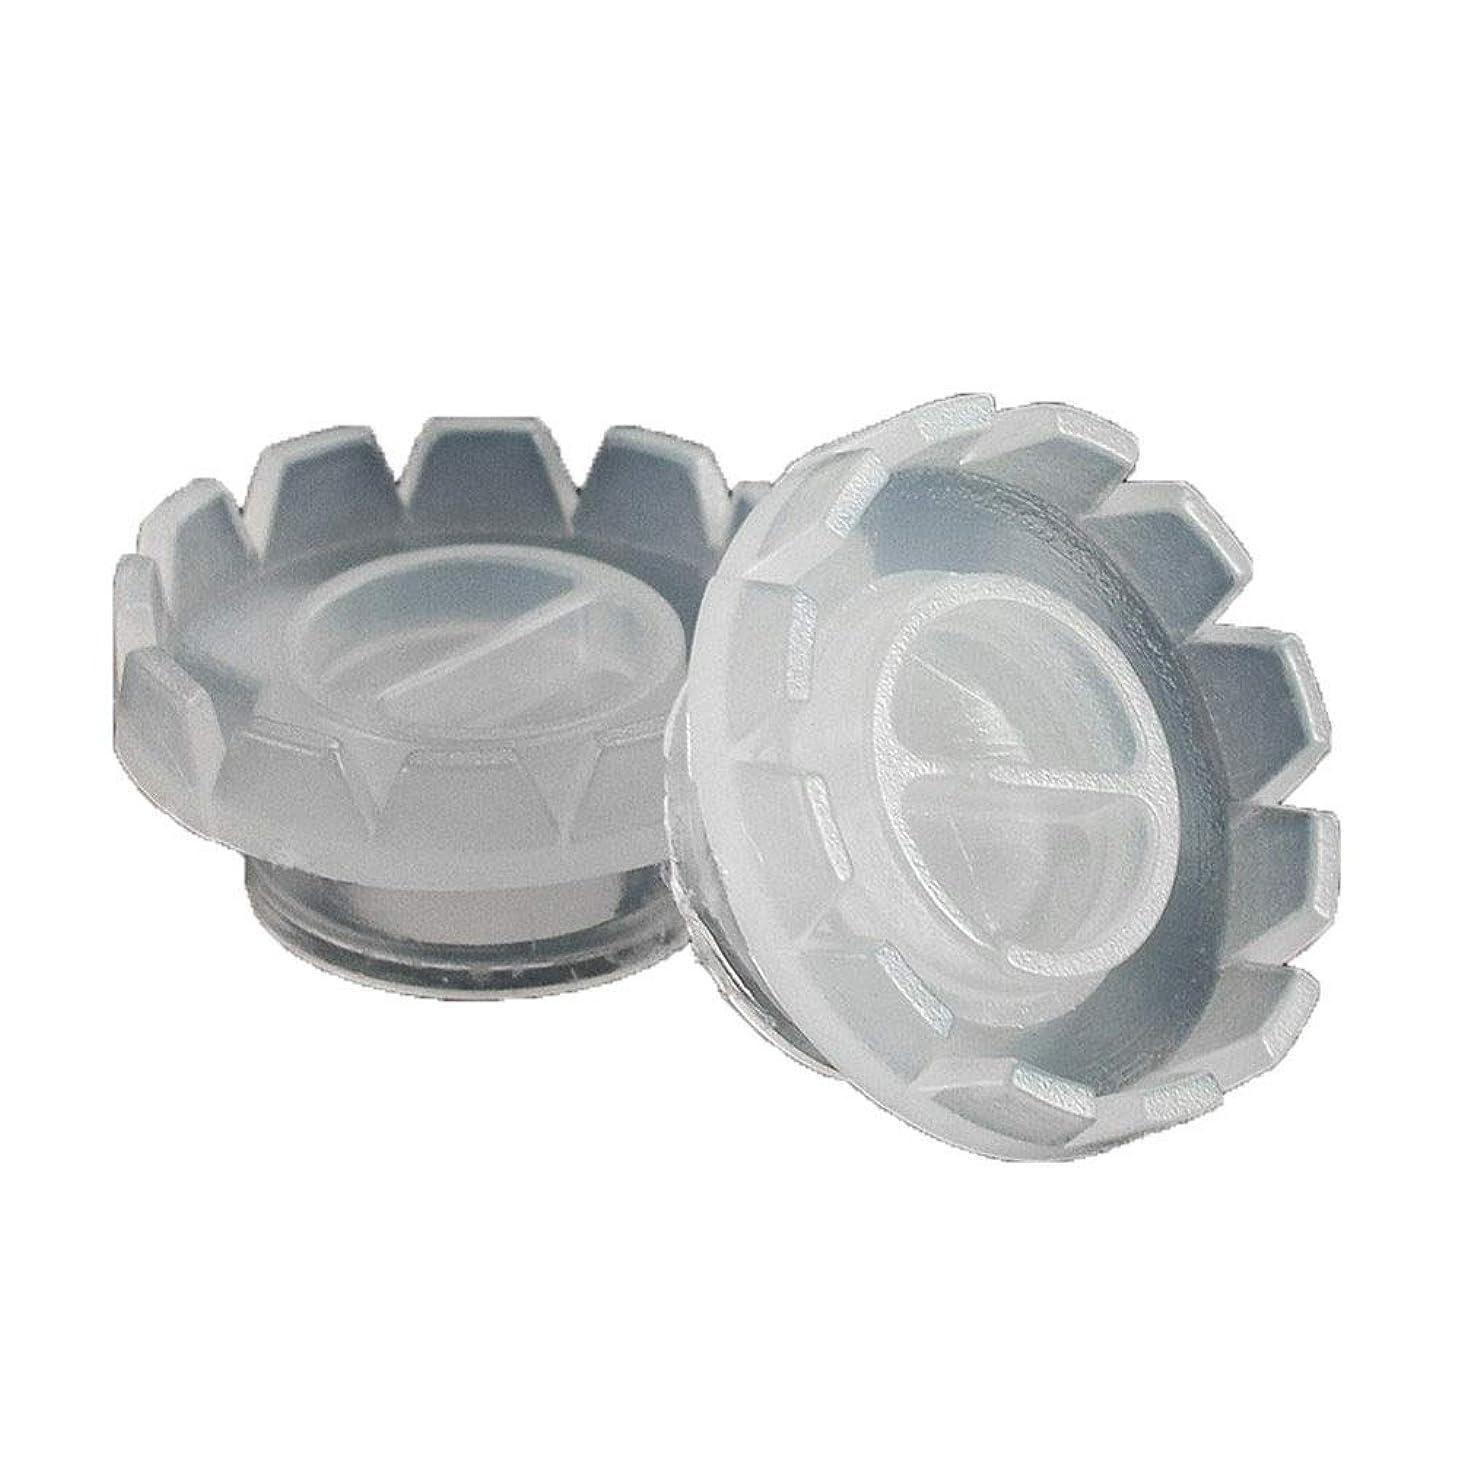 母音軽スローガンファンまつげのエクステンション専用のツールを作るための50pcs /袋まつげブルーミングカップまつげ移植日の花のりカップ 軟質天然つけまつげエクステンション3dまつげラッシュデラックスまつげボリューム偽まつげ